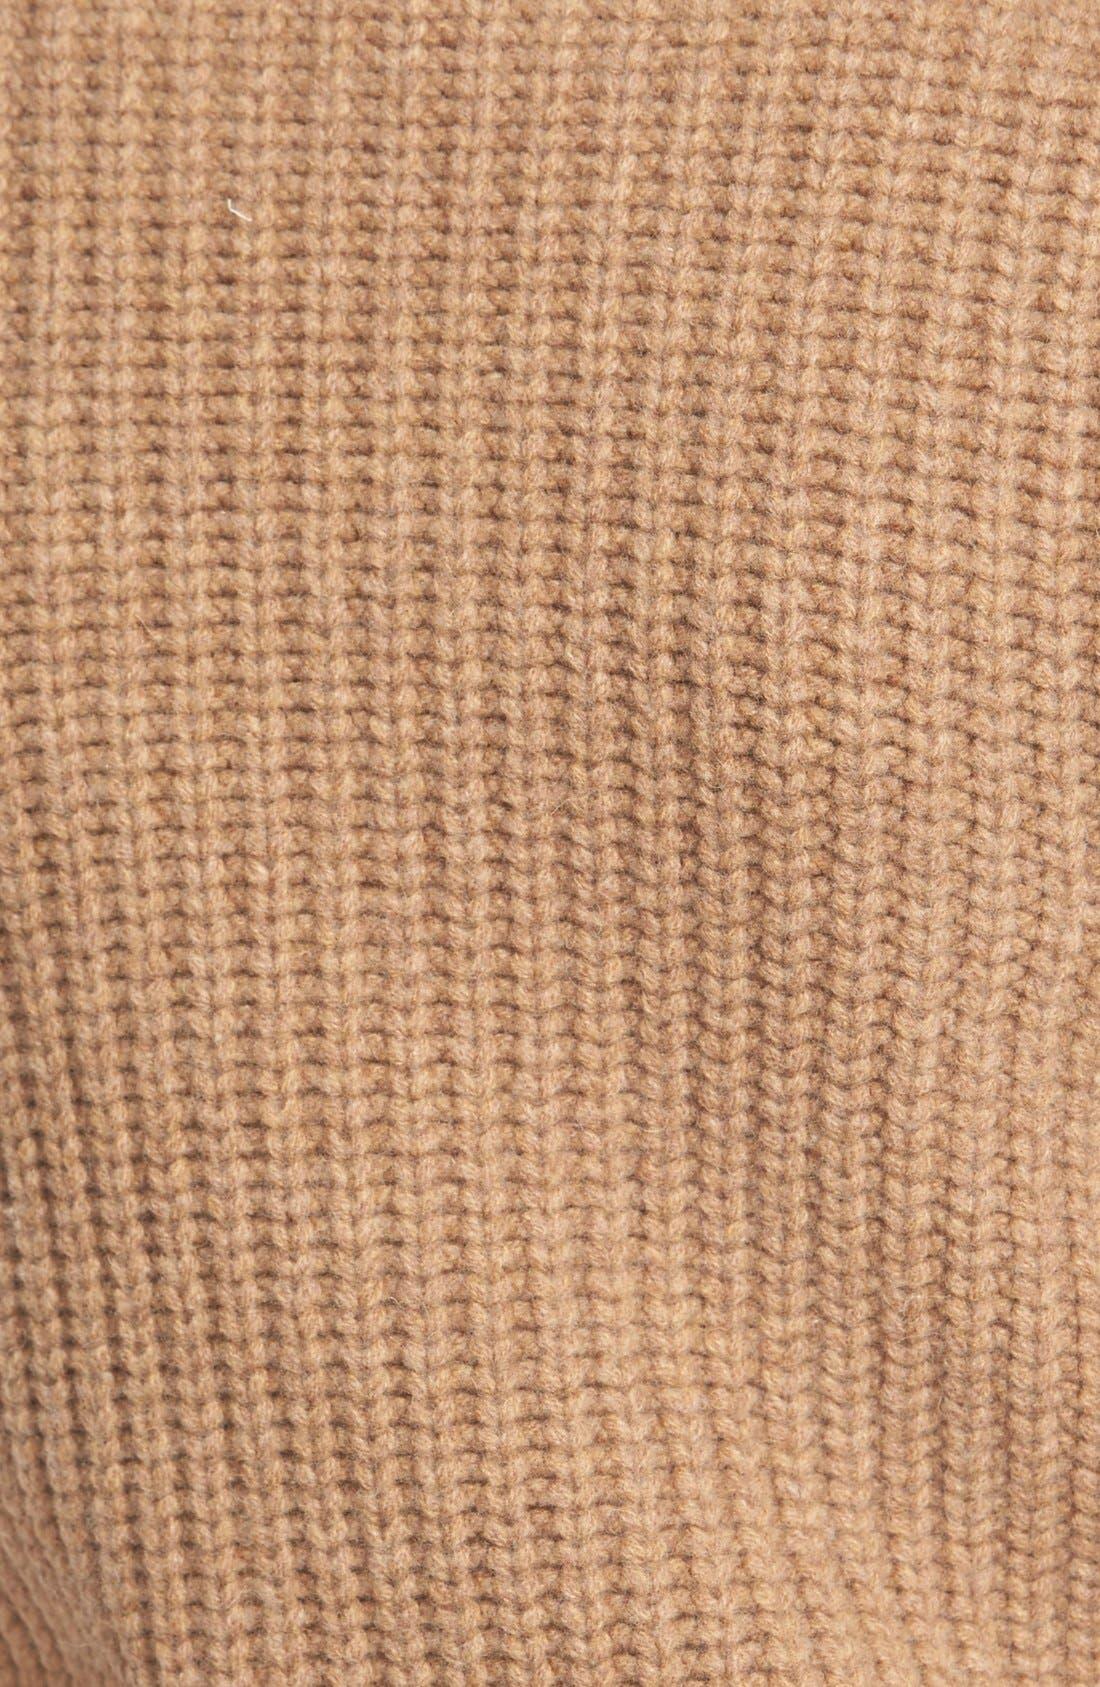 Alternate Image 3  - Joie 'Brinley' Genuine Shearling & Merino Wool Vest